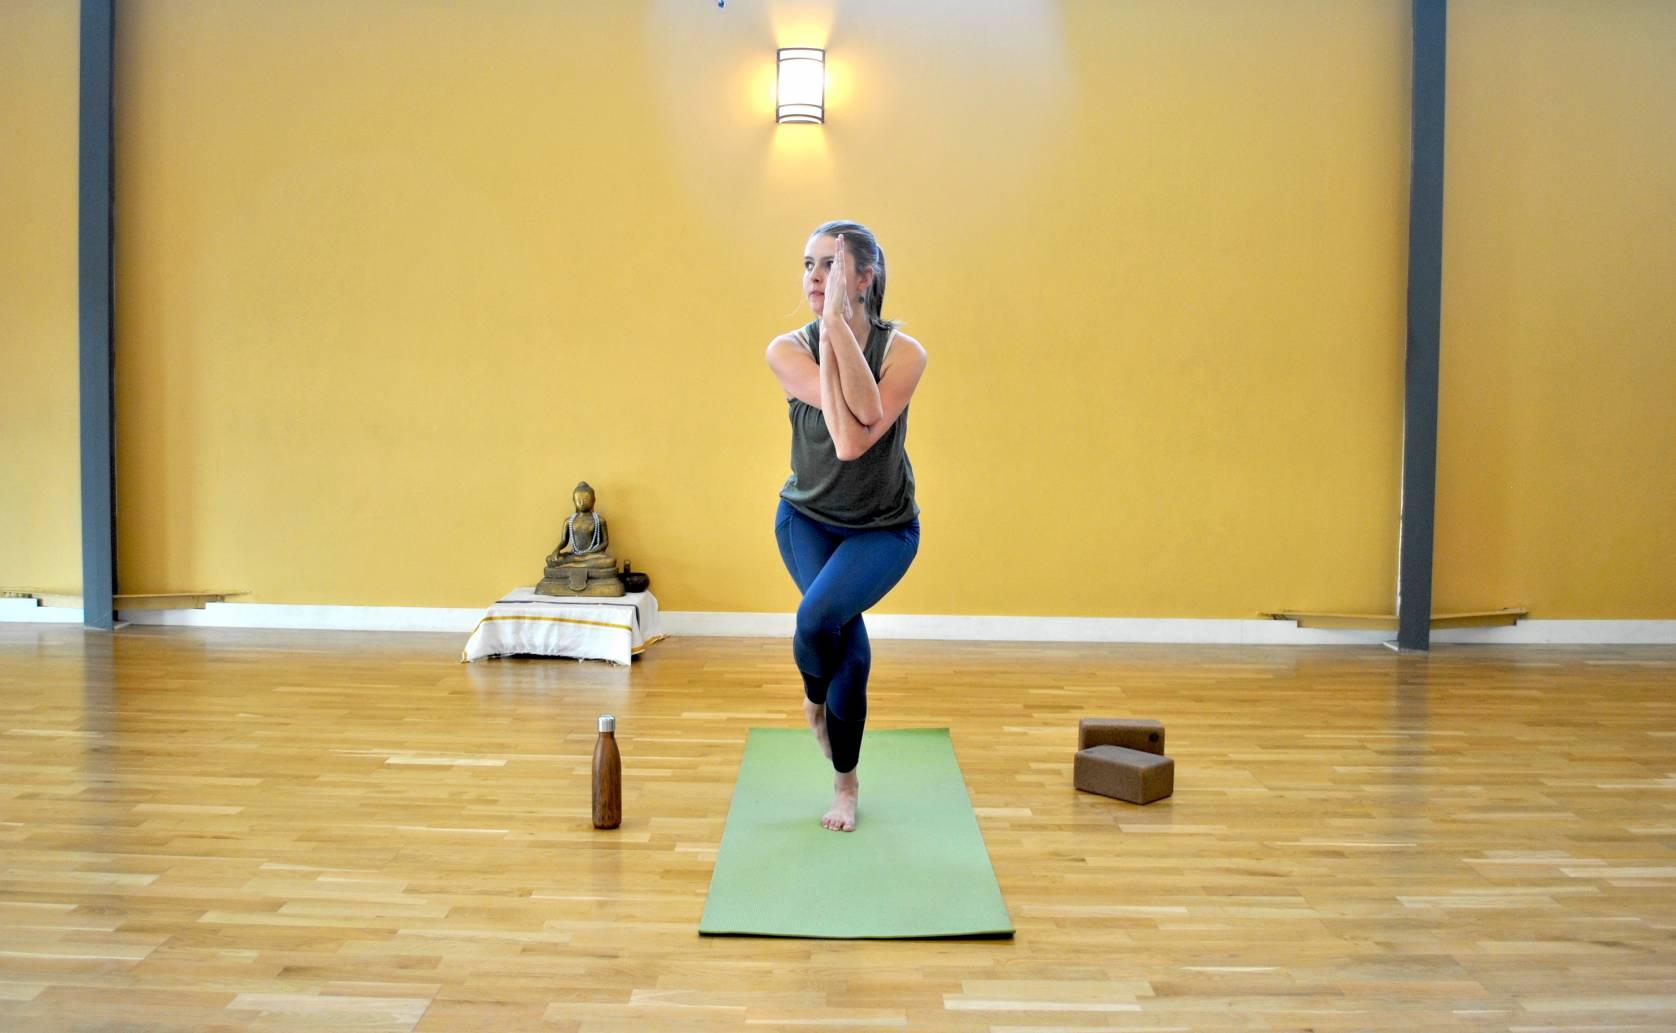 Mary yoga eagle pose